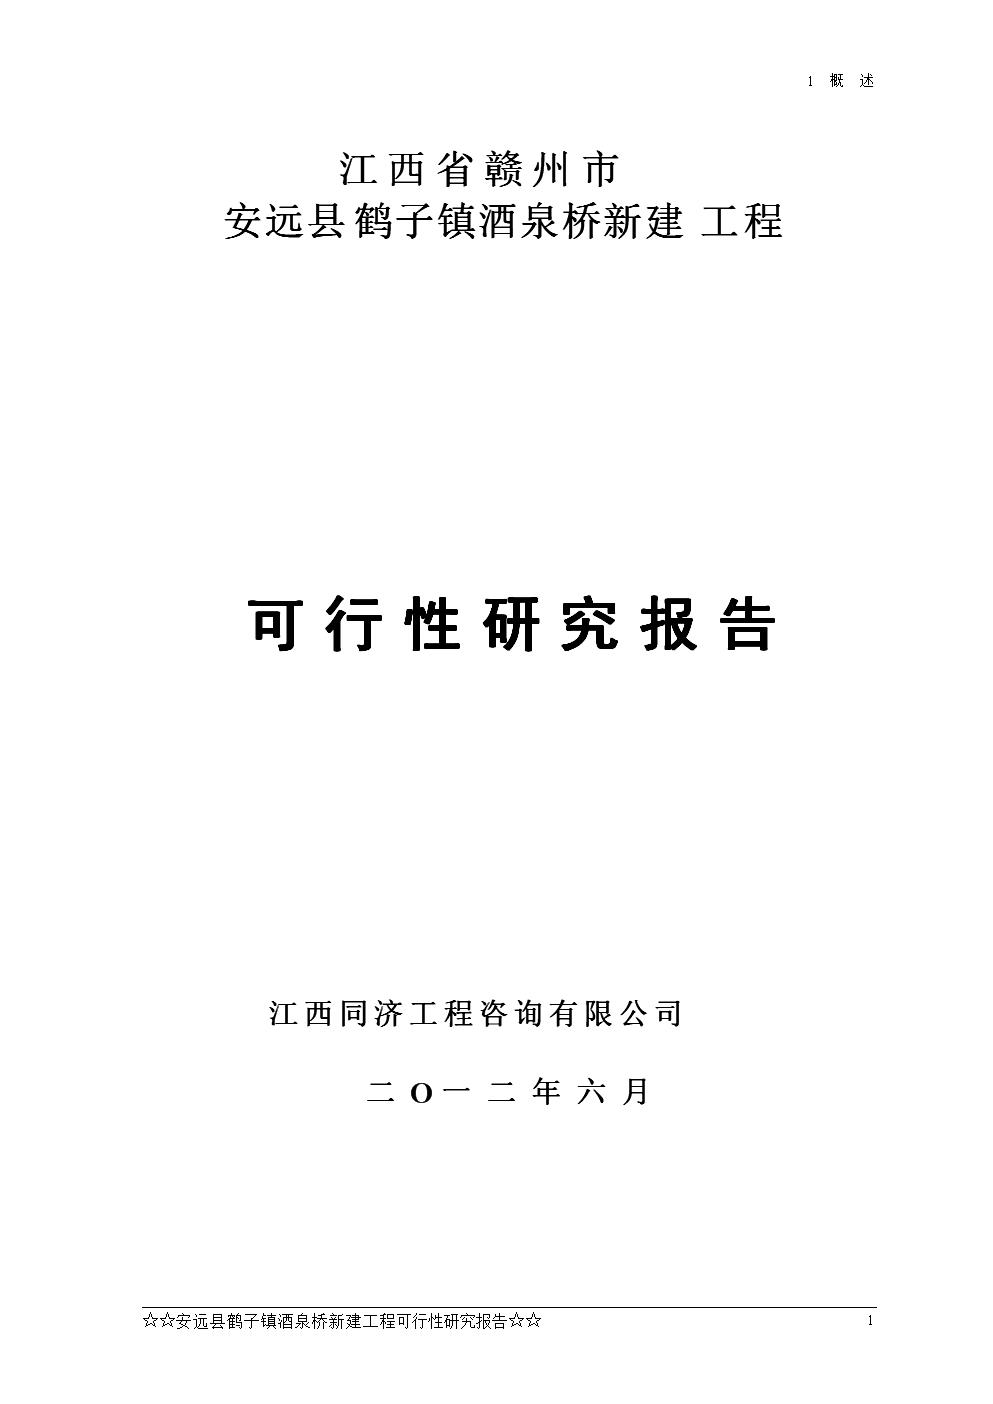 安远县鹤子镇酒泉桥新建工程投资建设可行性分析论证报告.doc